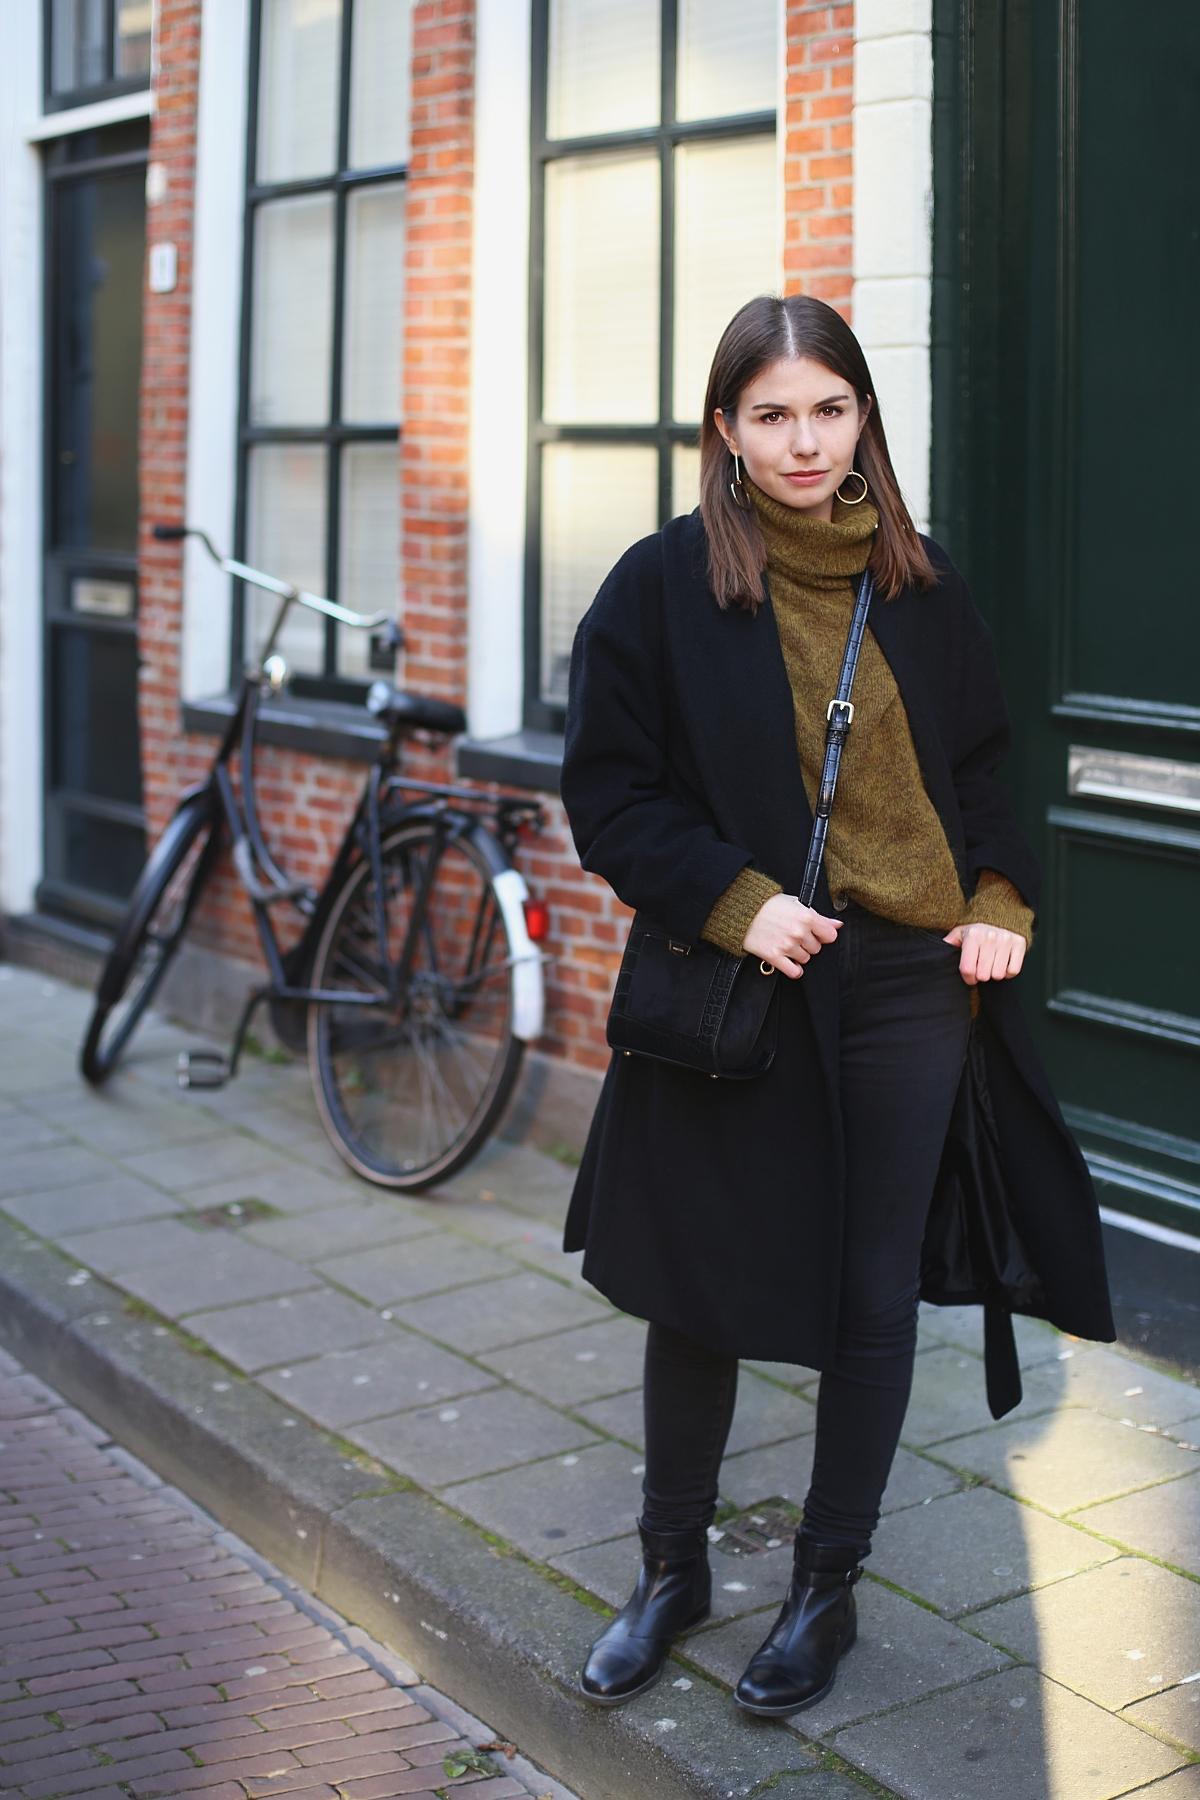 Holandia - sesja zdjęciowa z rowerem w tle